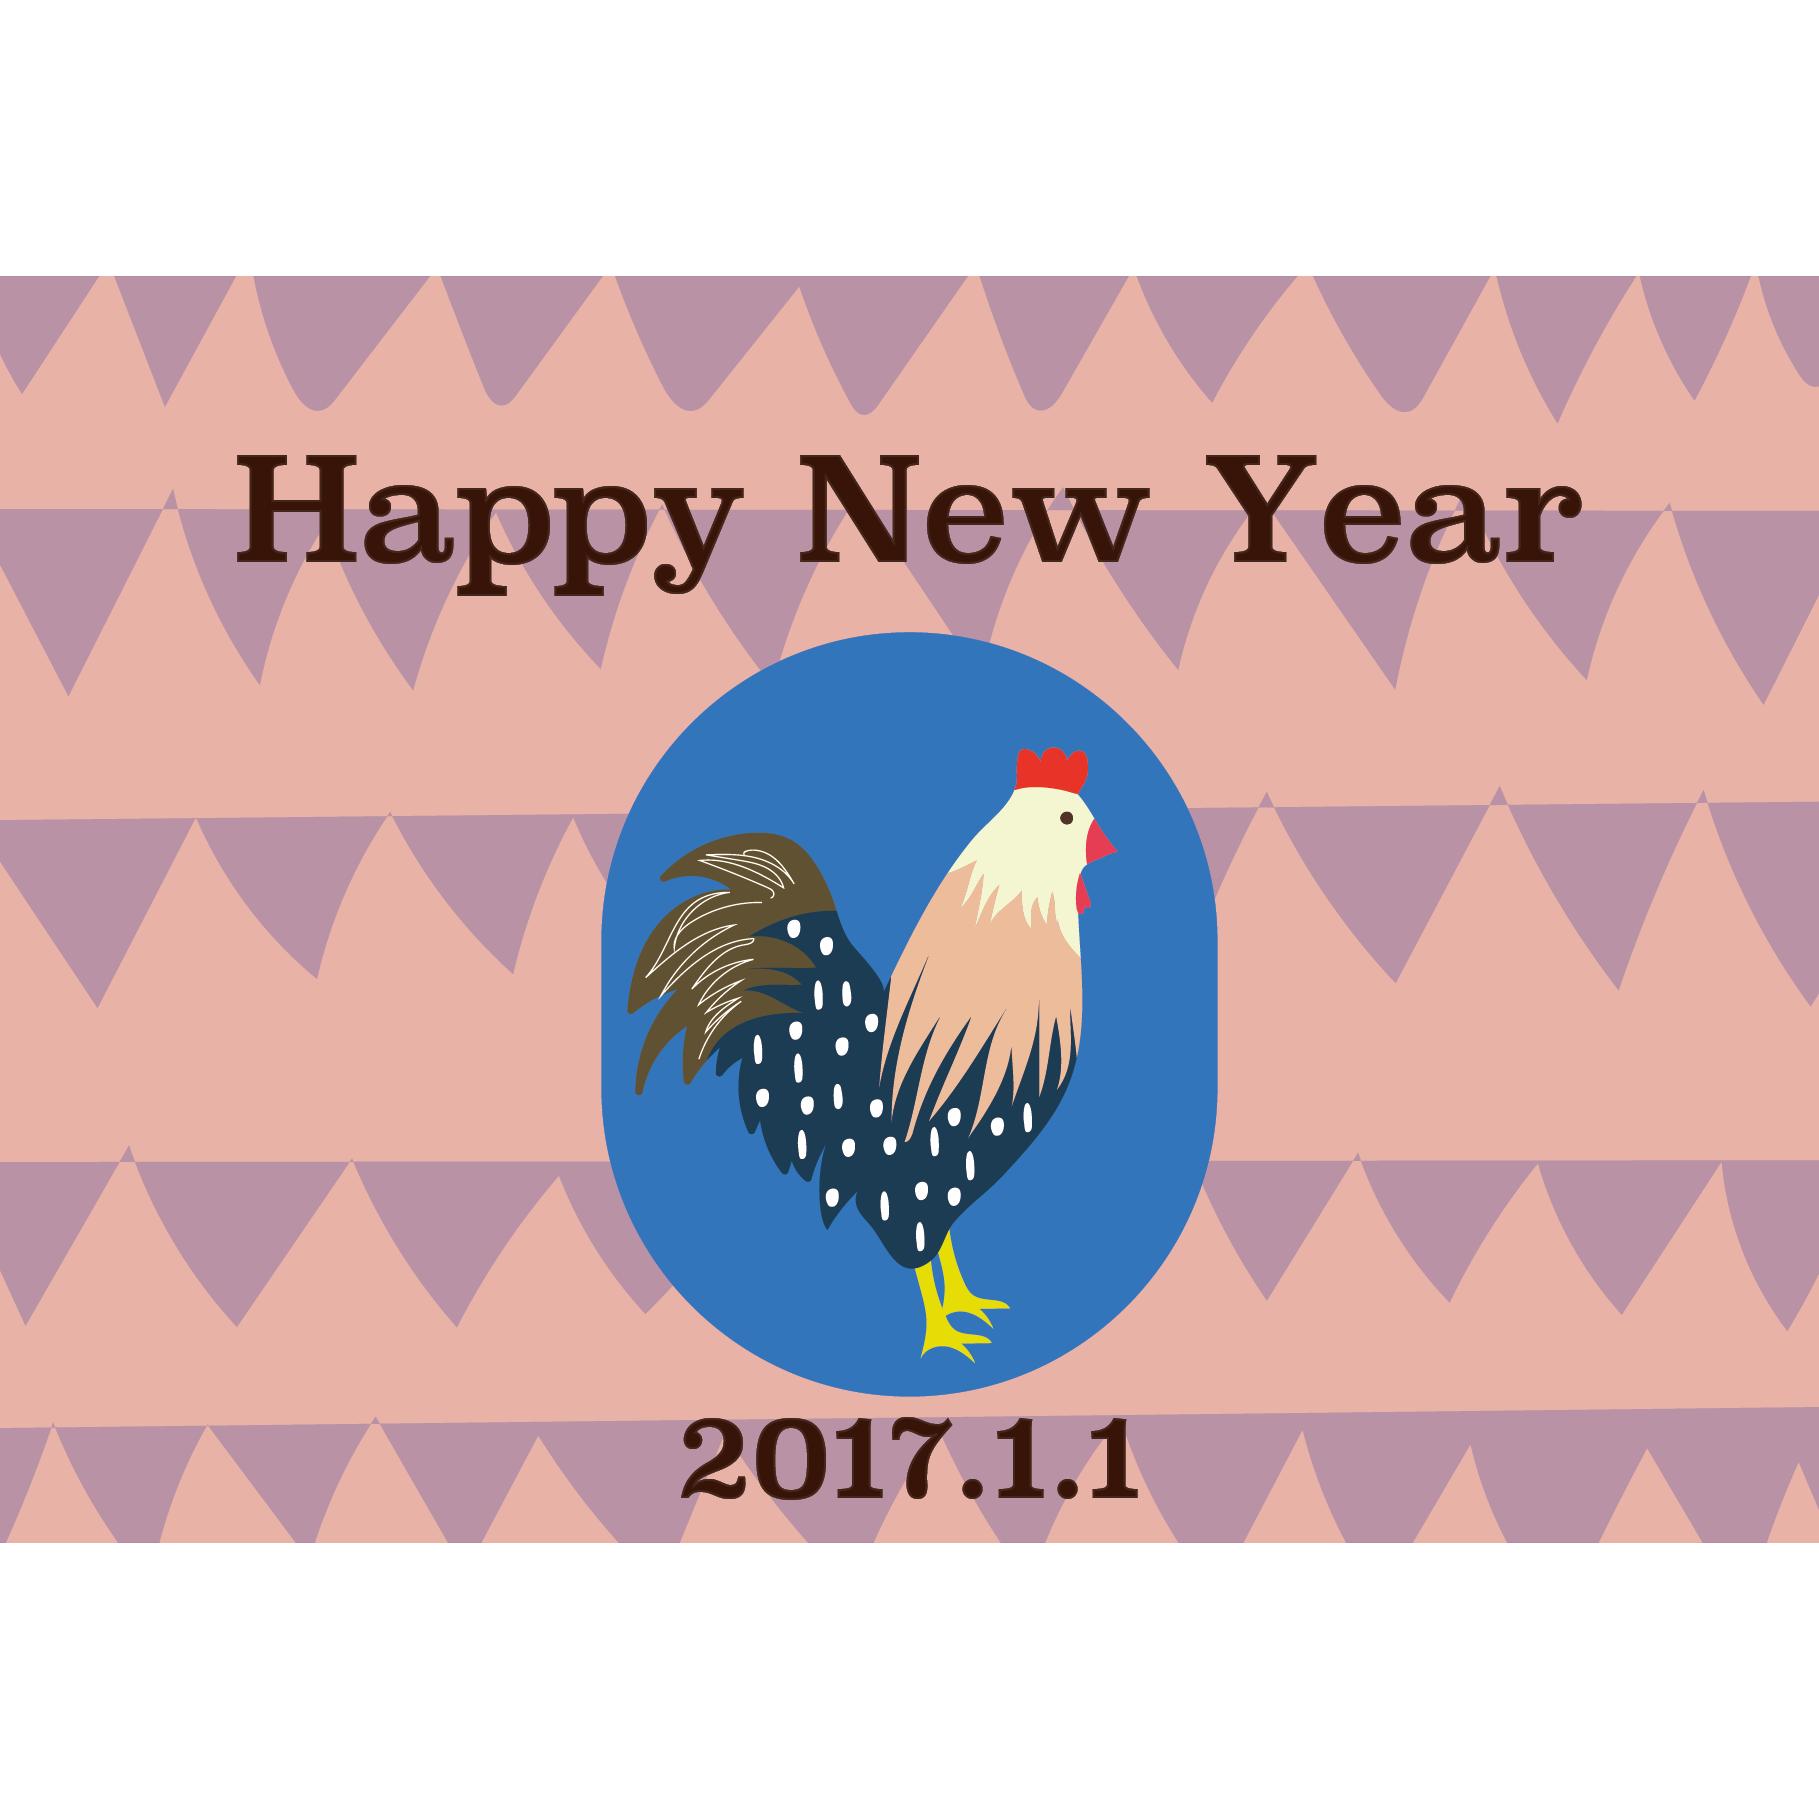 酉年 おしゃれな鶏の年賀状イラスト 2017年 | 商用フリー(無料)の